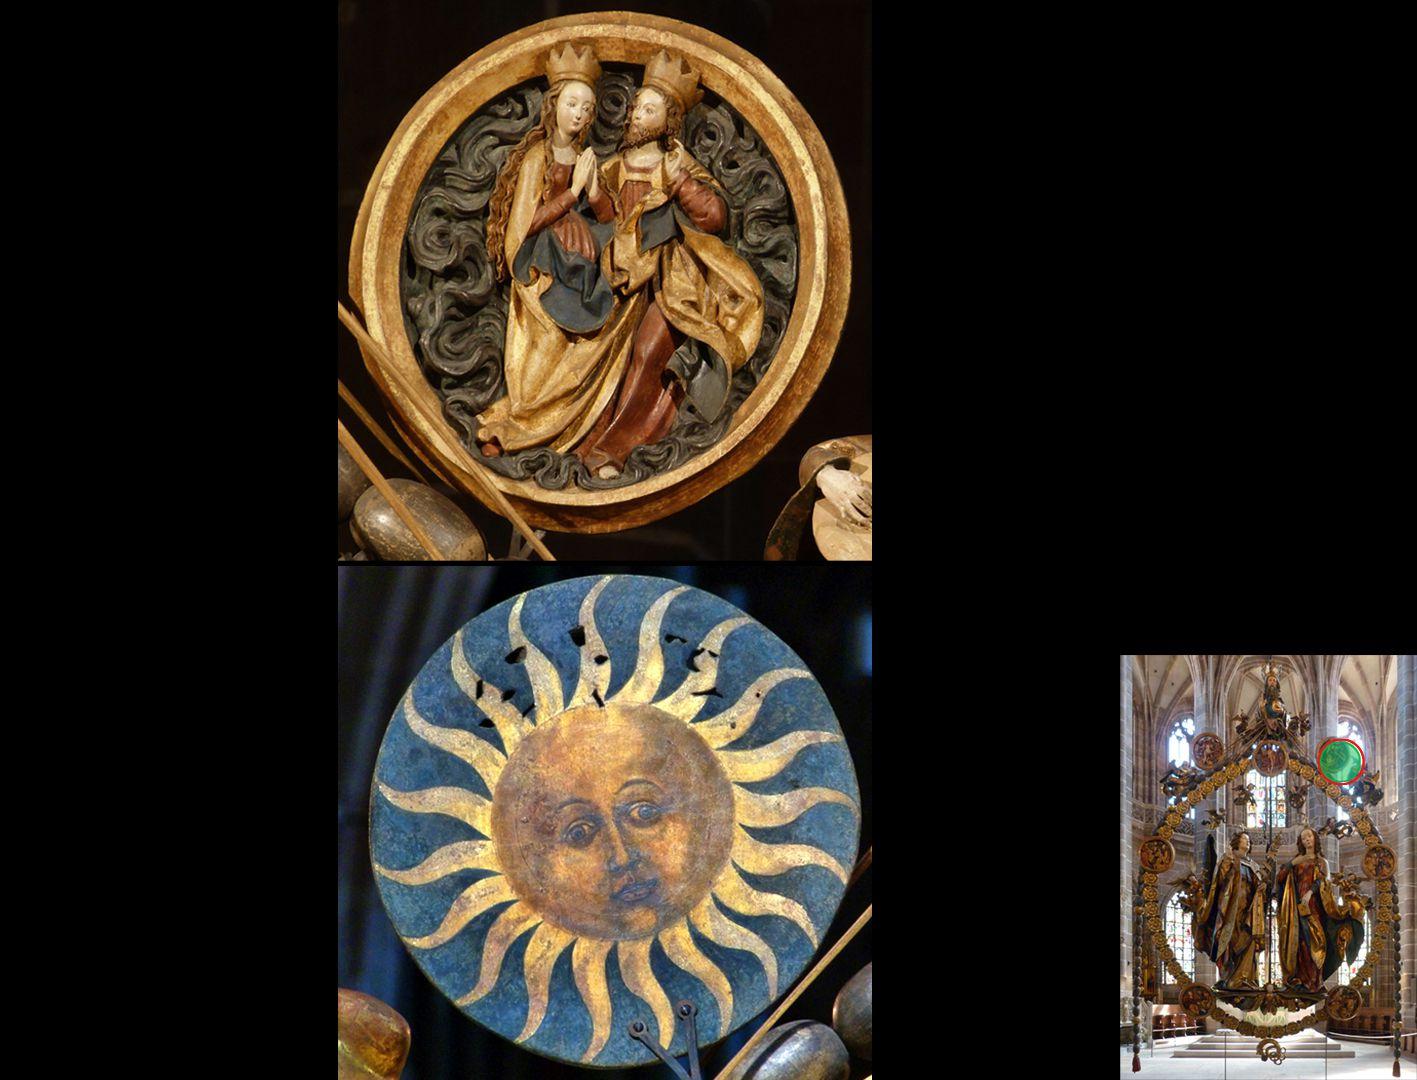 Englischer Gruß Christus-Marienmedaillon, Vorder- und Rückseite (unten rechts Detaillokalisierung)